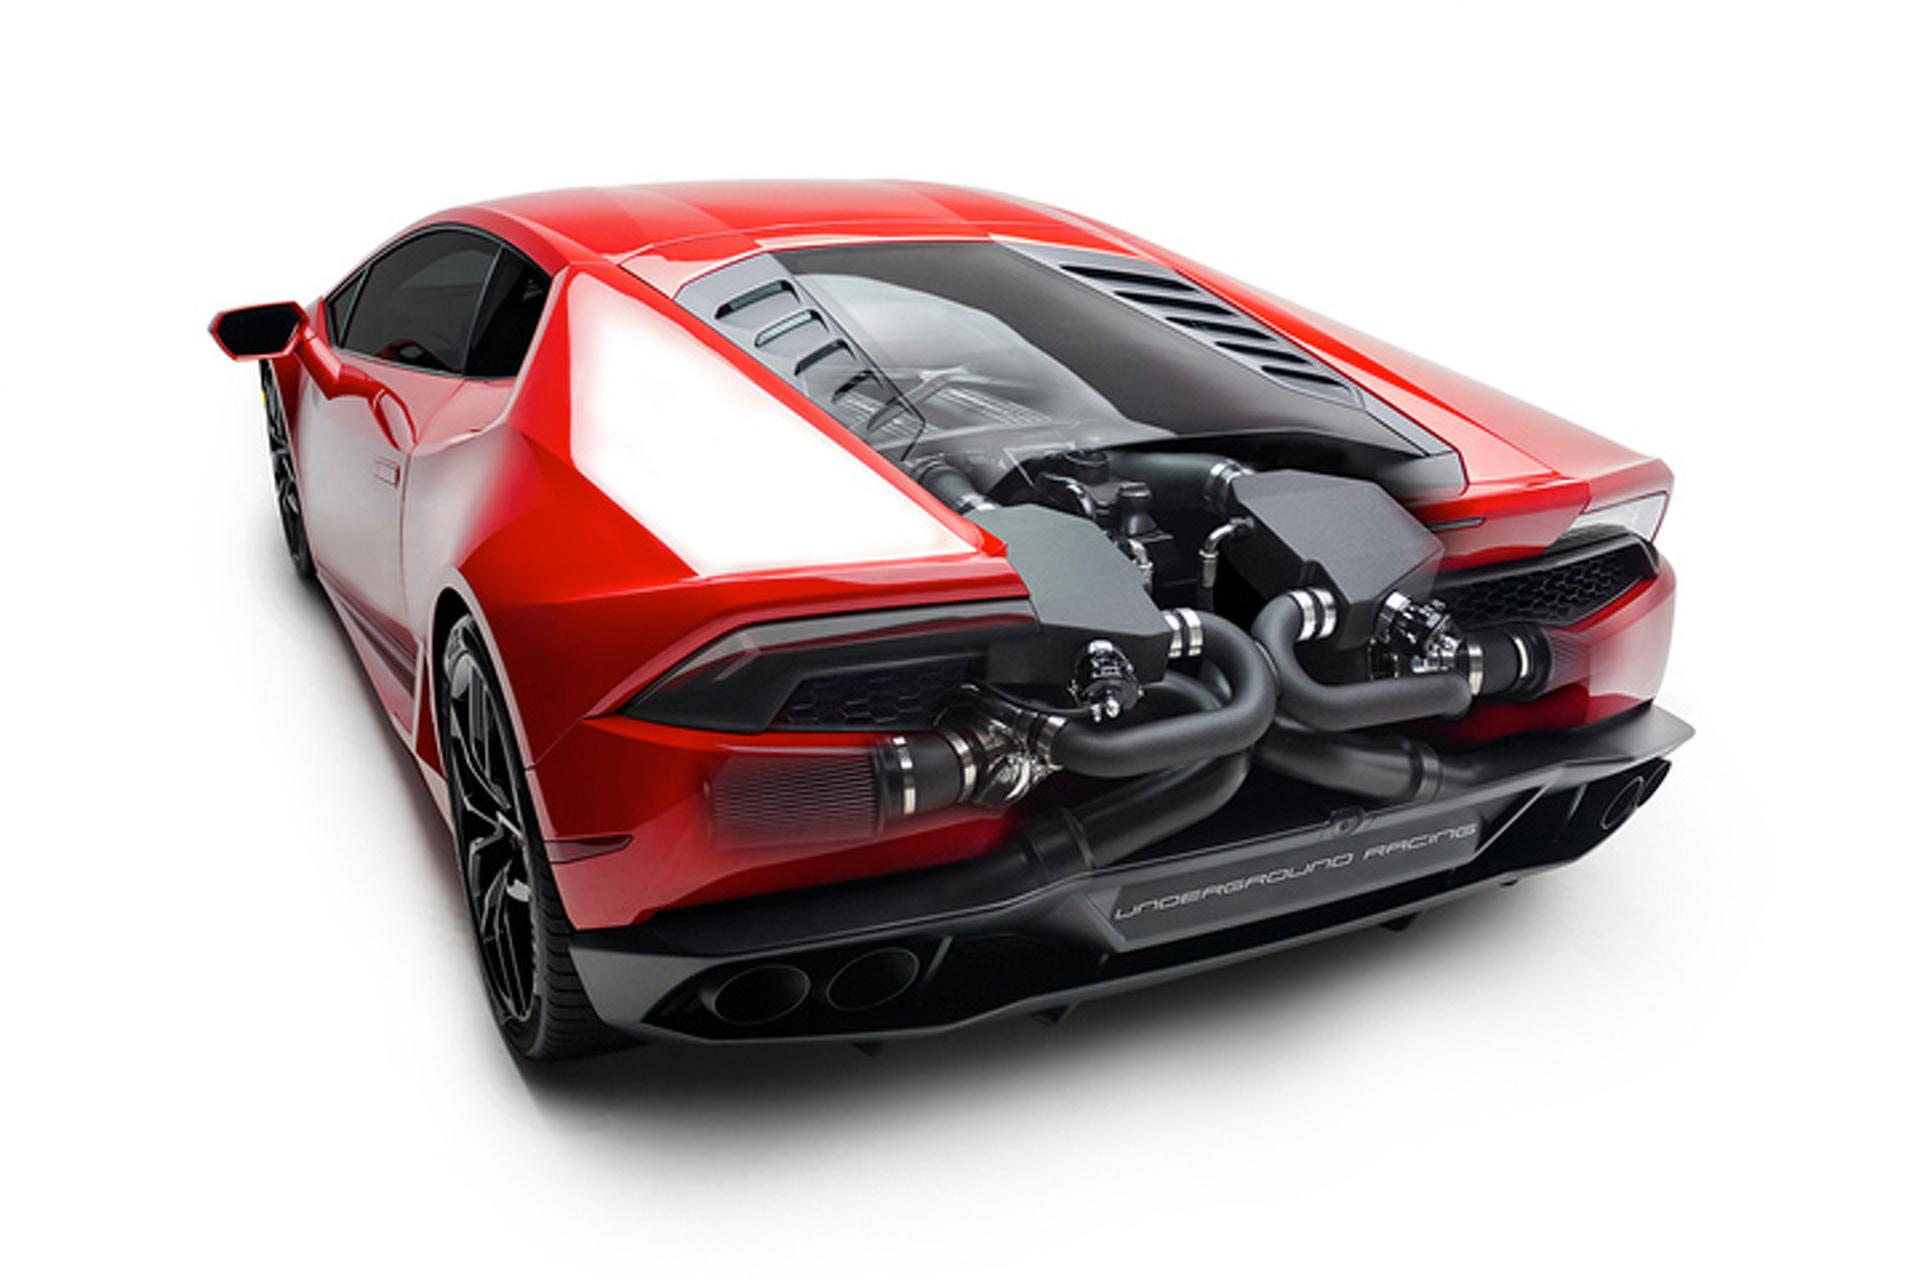 Lamborghini Huracan Twin Turbo Kit Has Lots of Horsepower